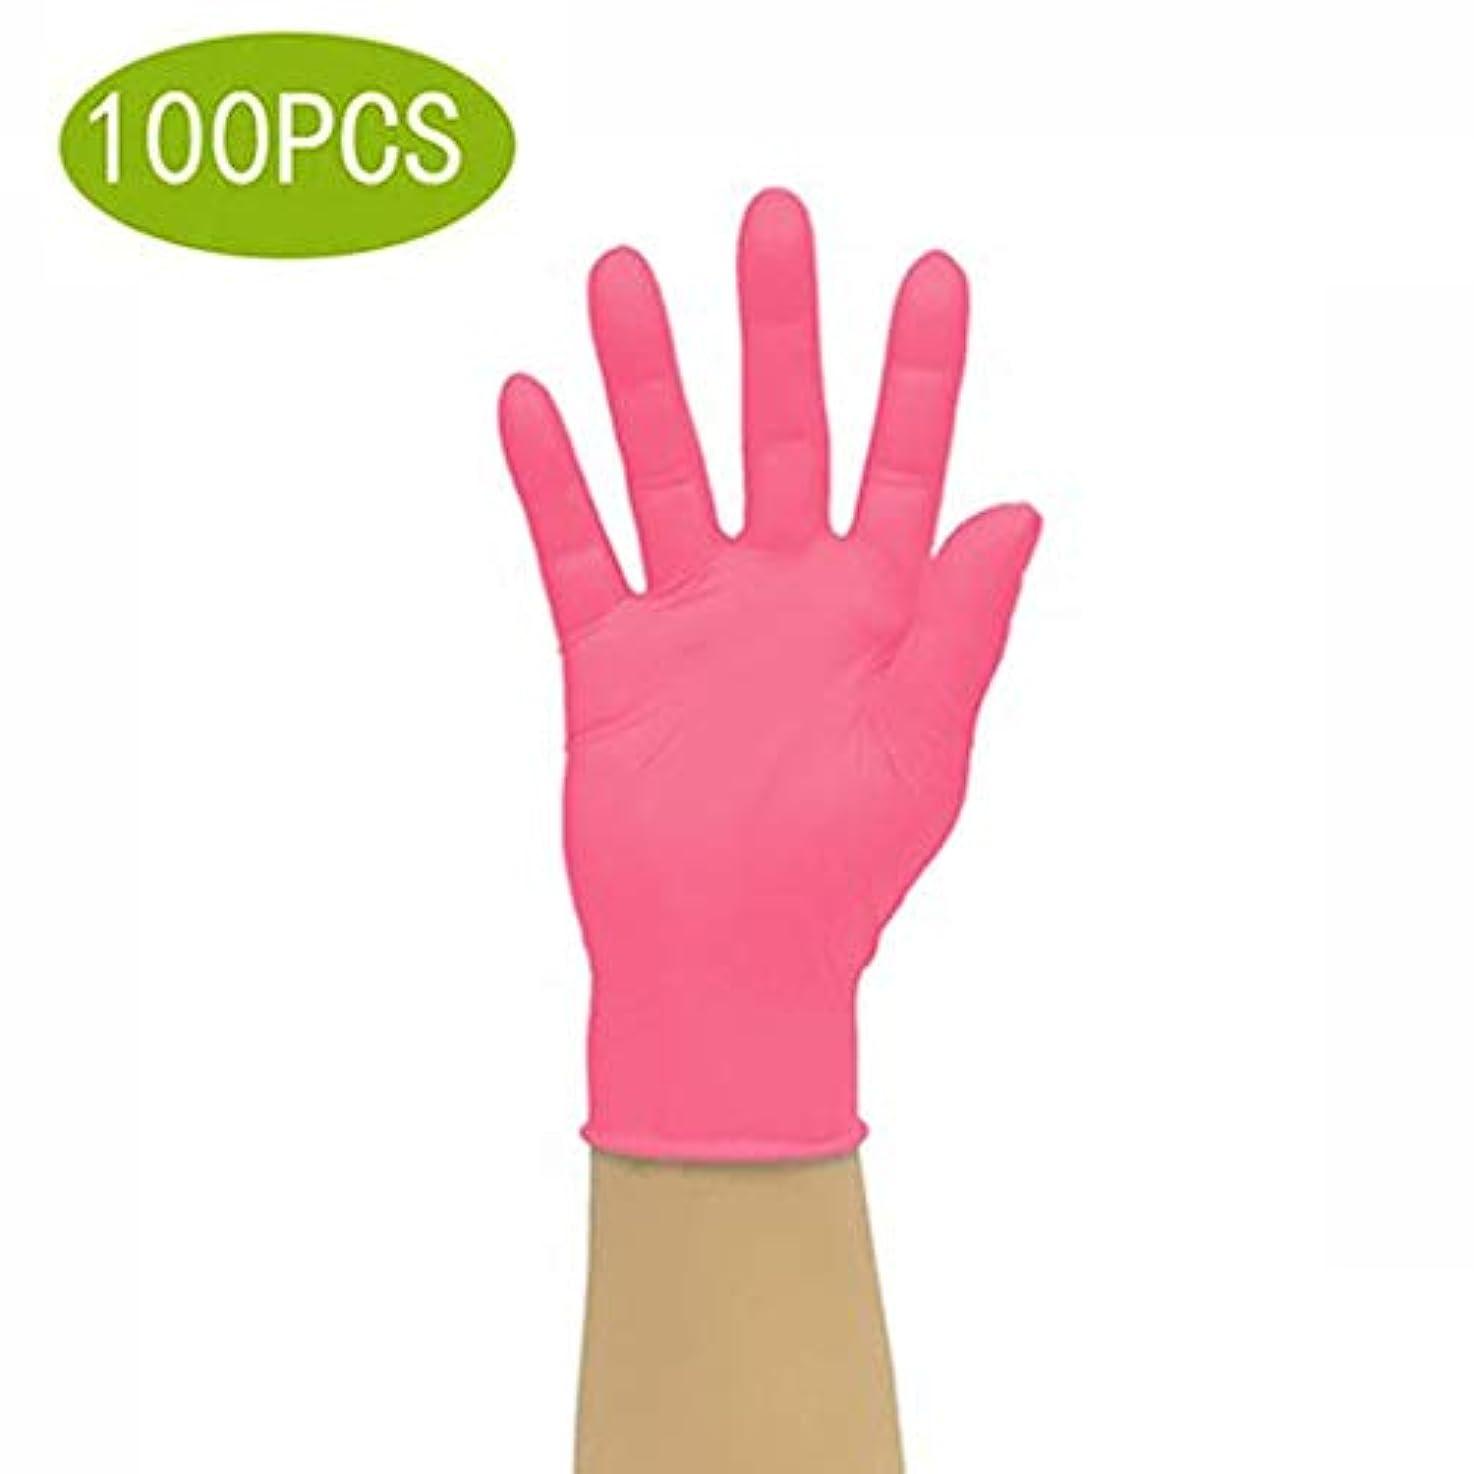 一般的なキャベツヘッドレス使い捨てニトリル手袋 - パウダーフリー、ゴムラテックスフリー、メディカル試験グレード、無菌、両性 - (1パック、100カウント) (Size : M)